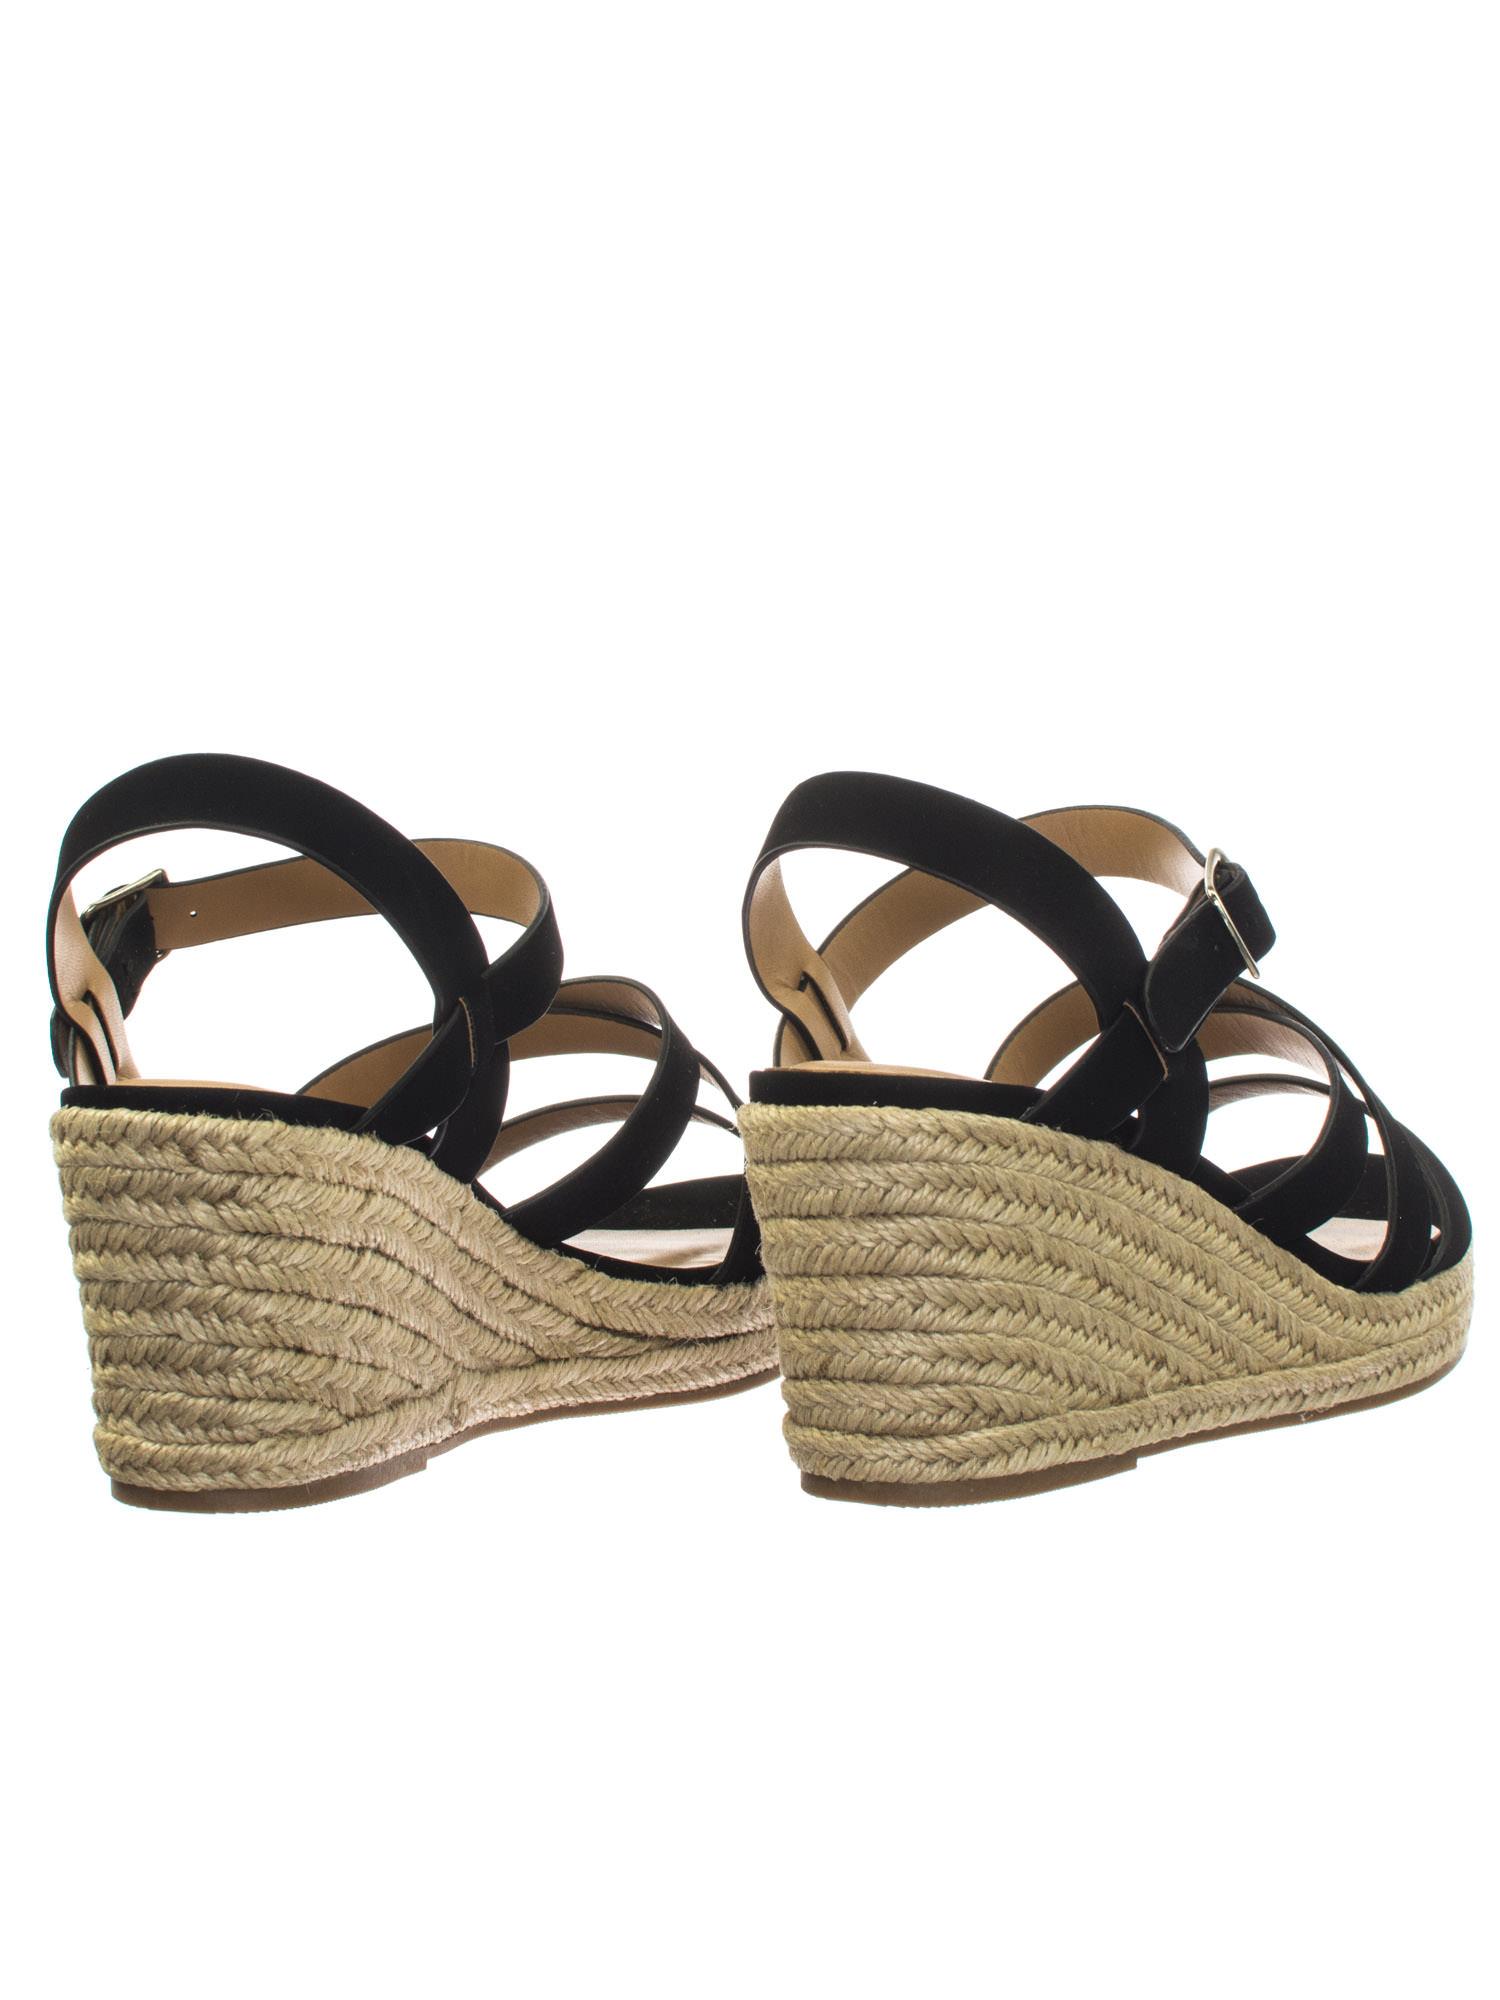 de1c882b64d Jubilee Black by City Classified Espadrille Rope Jute Wrap Platform Wedge  Open Toe Dress Sandal 3